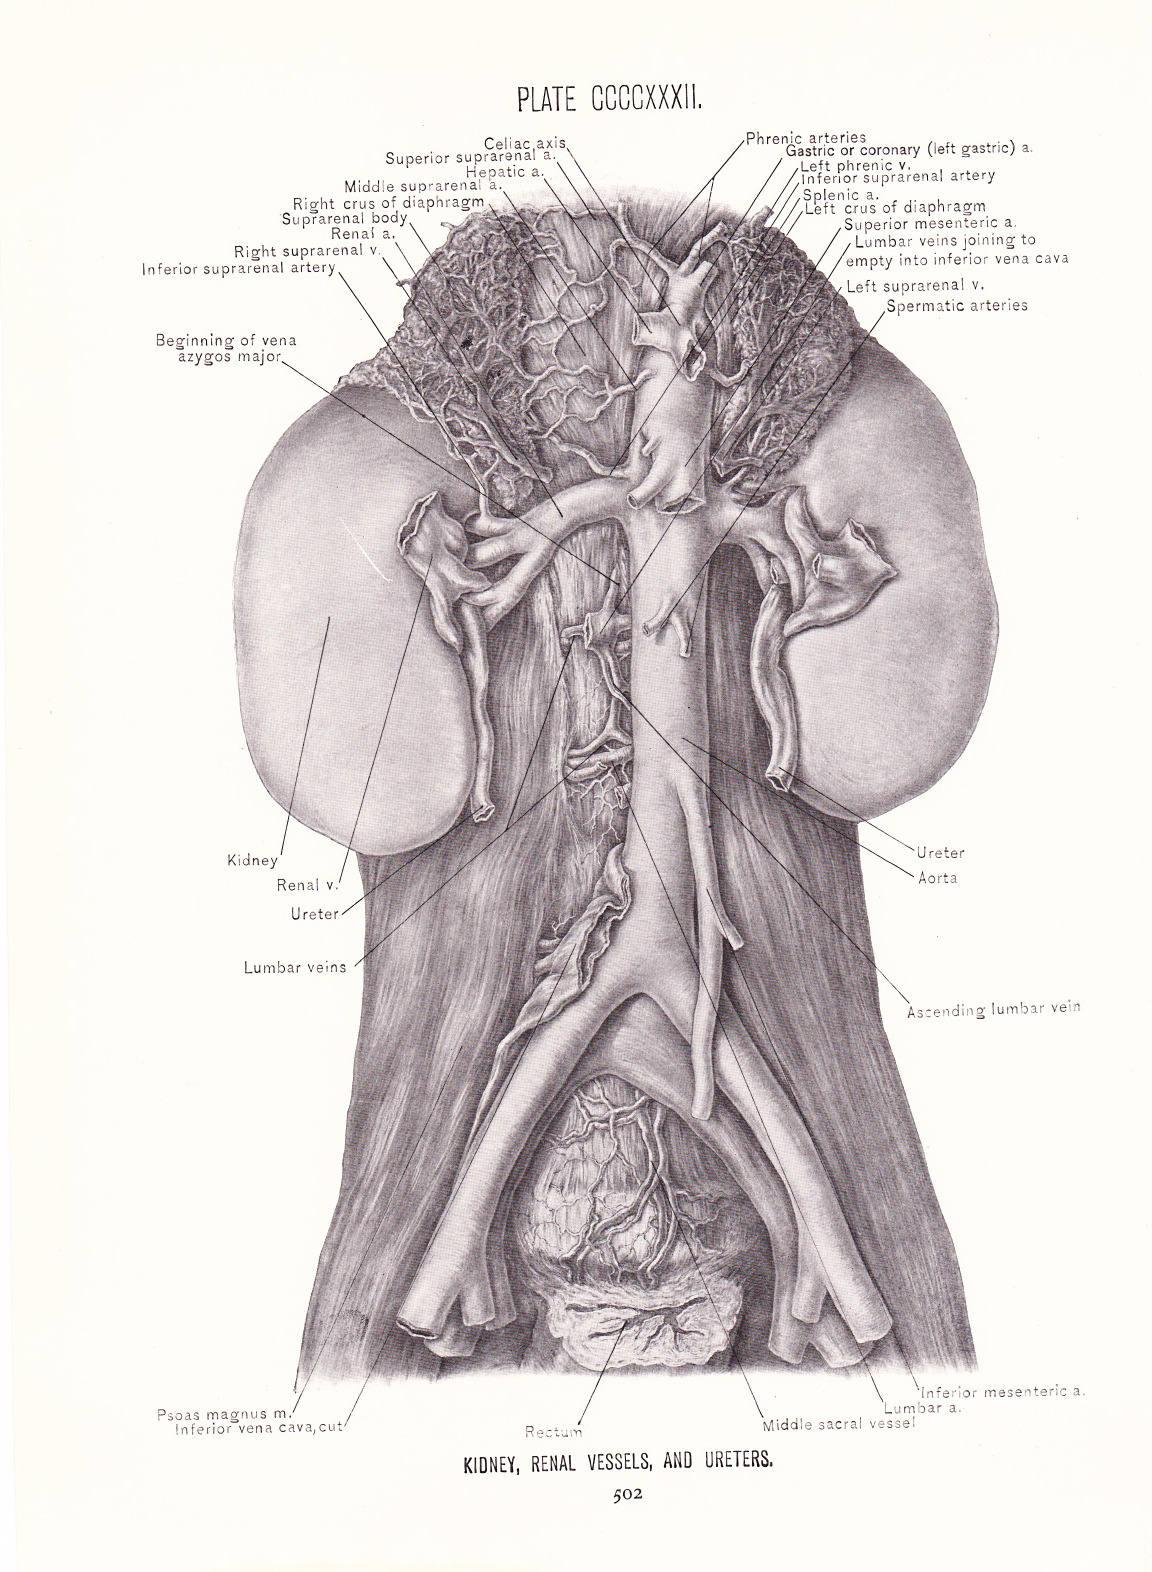 Fantastisch Mesenterica Zeitgenössisch - Anatomie Ideen - finotti.info